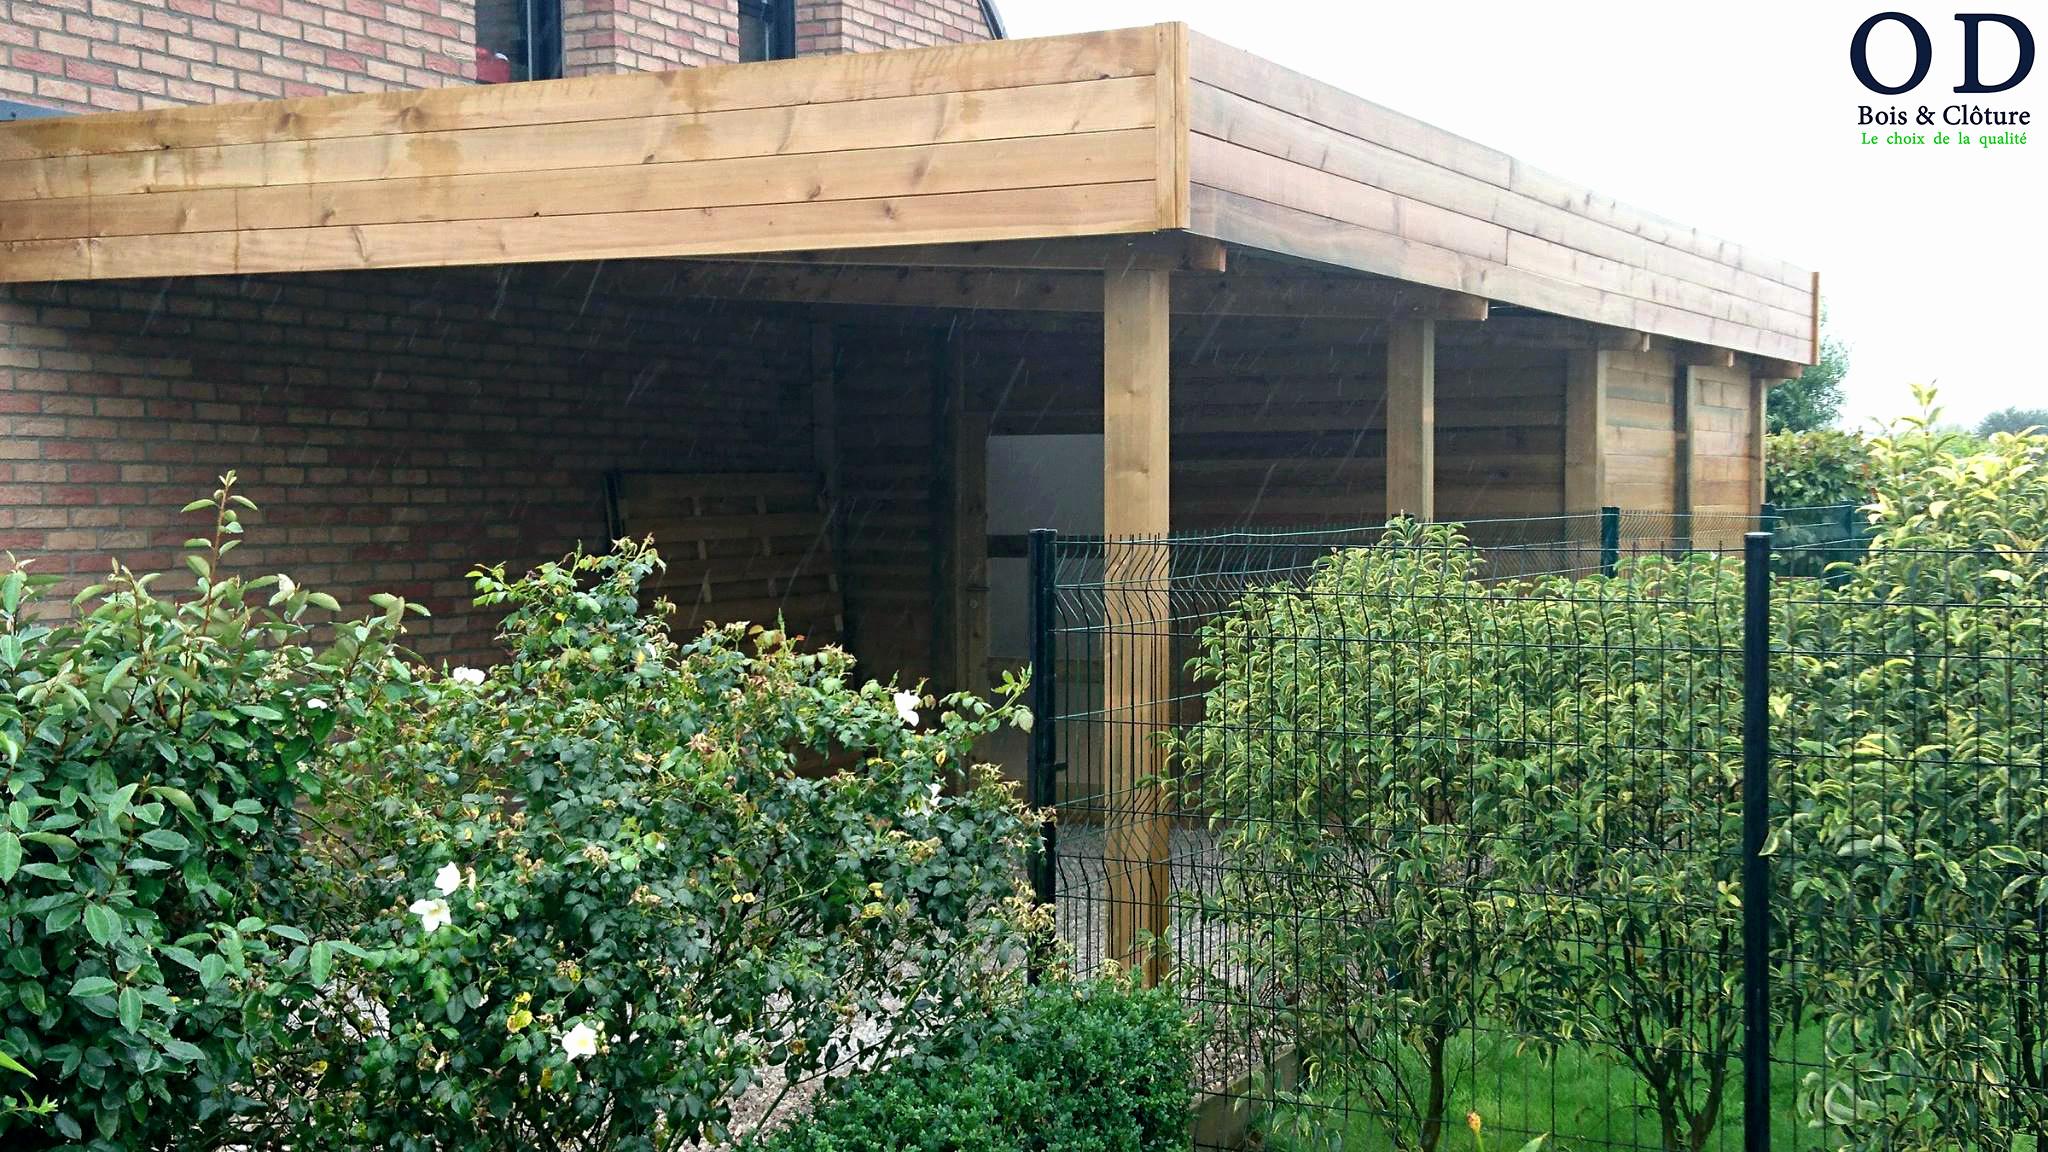 fabriquer carport toit plat luxe construire un abri de jardin en bois toit plat charmant 21 of fabriquer carport toit plat